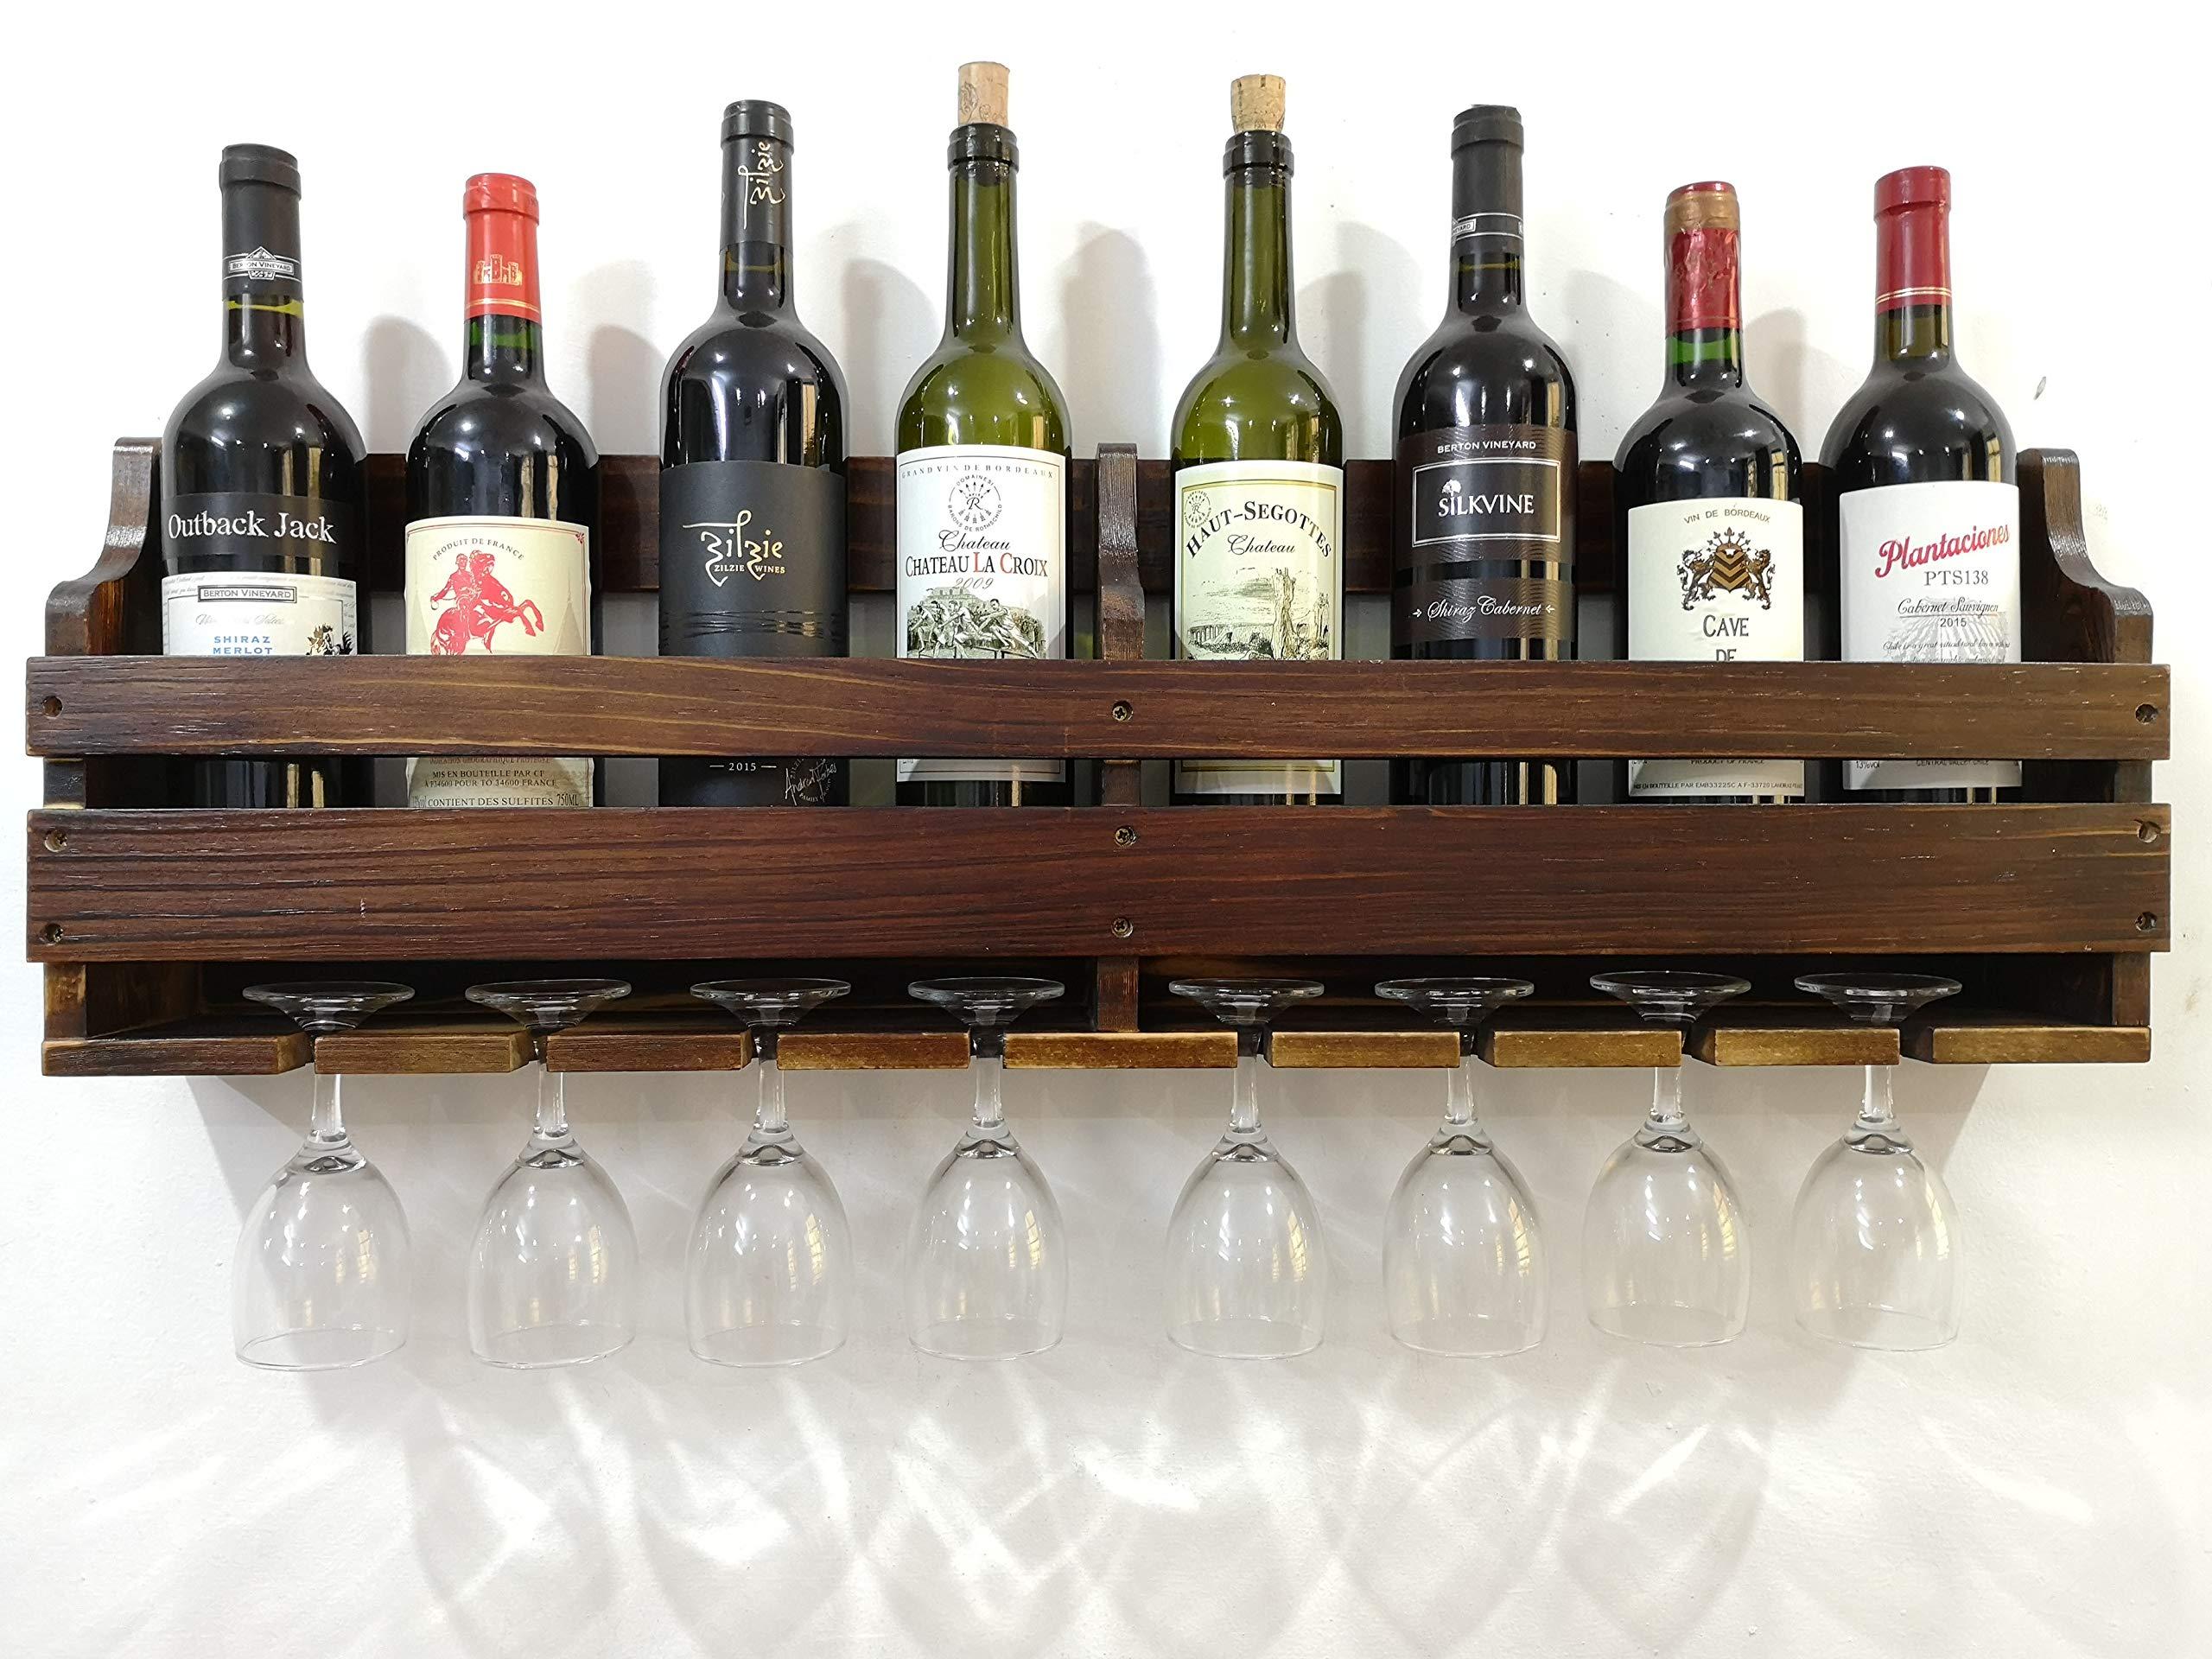 Credenza Per Vino : Tuorui wine rack porta bicchiere di vino espositore da parete per